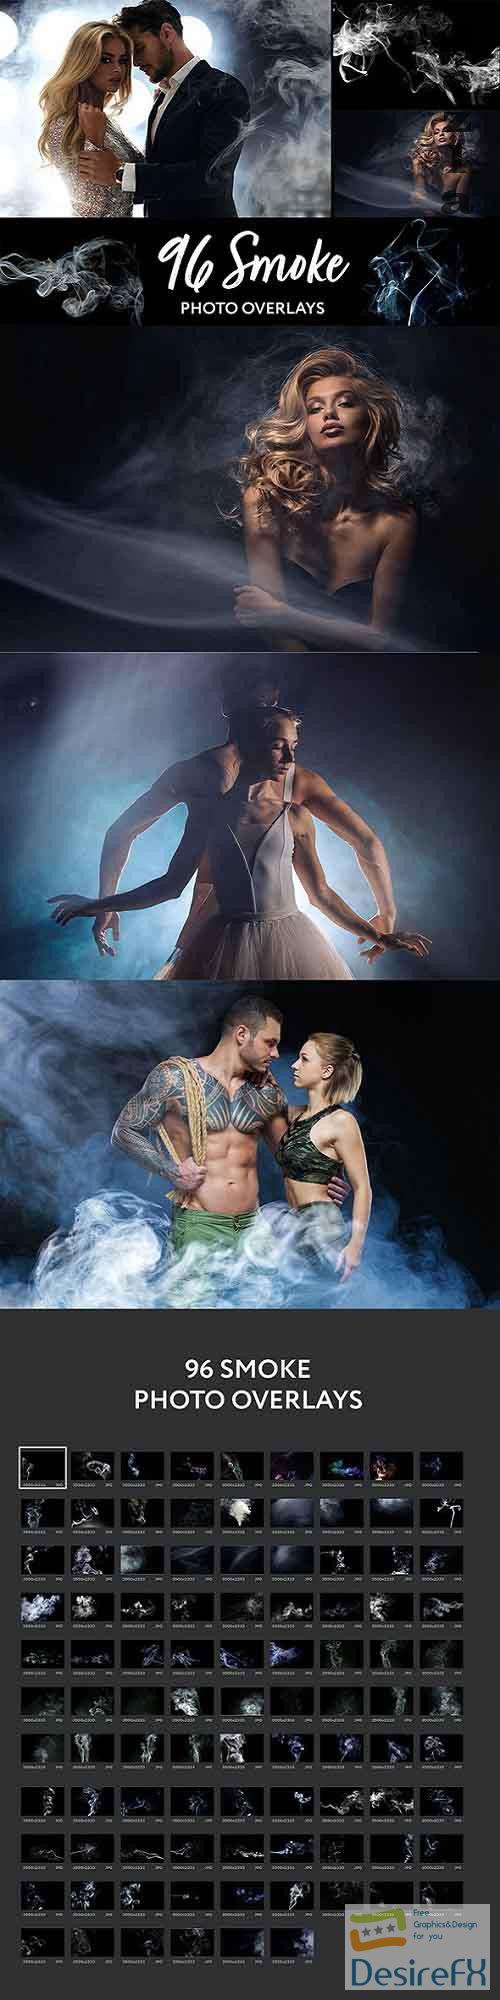 96 Realistic Smoke Photo Overlays - 27028282 - 5224817